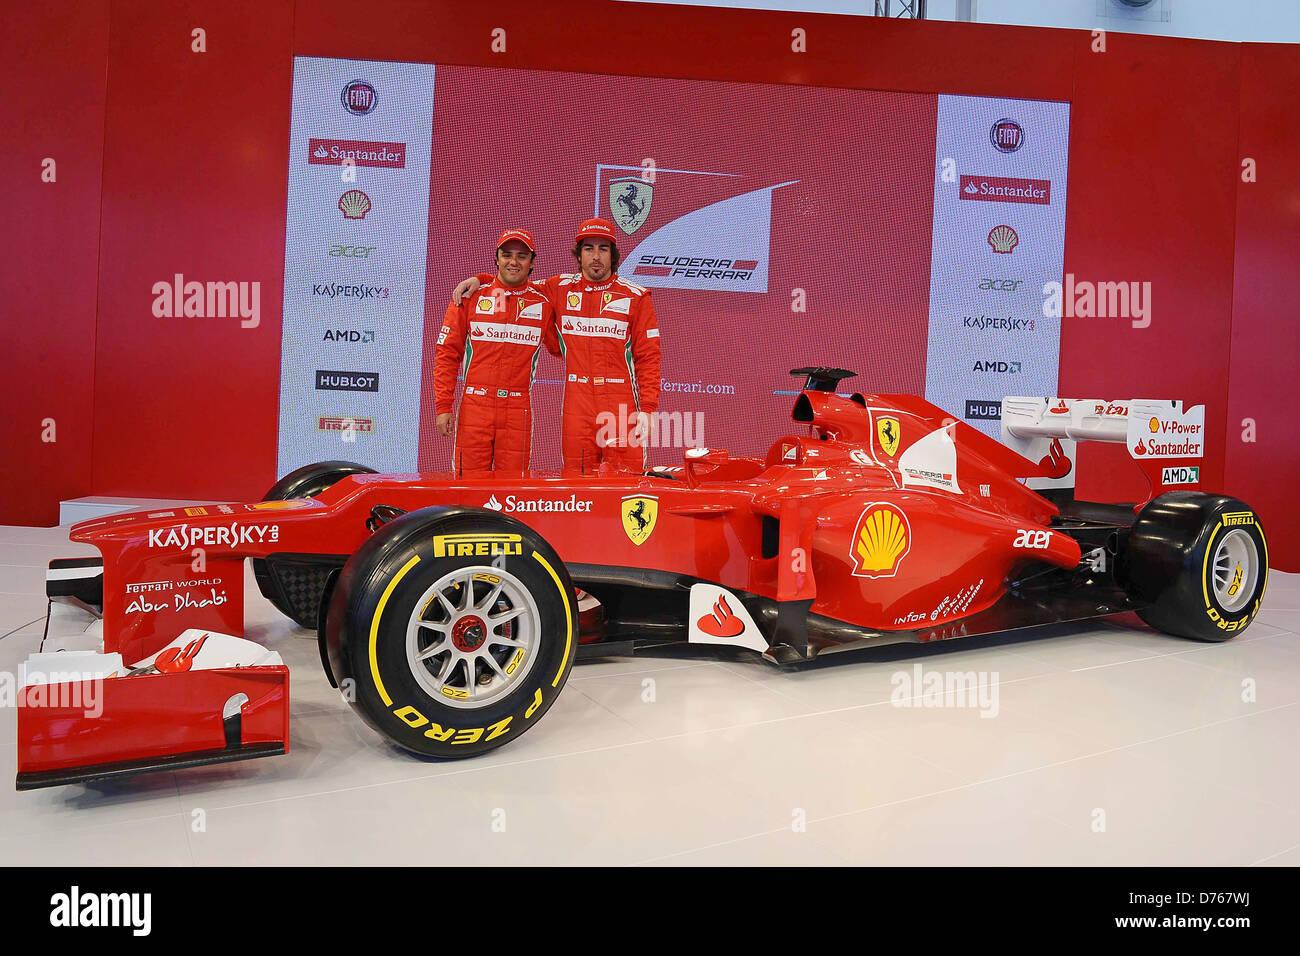 Fernando Alonso, Felipe Massa F1   Formula One   Ferrari Team And Car  Presentation